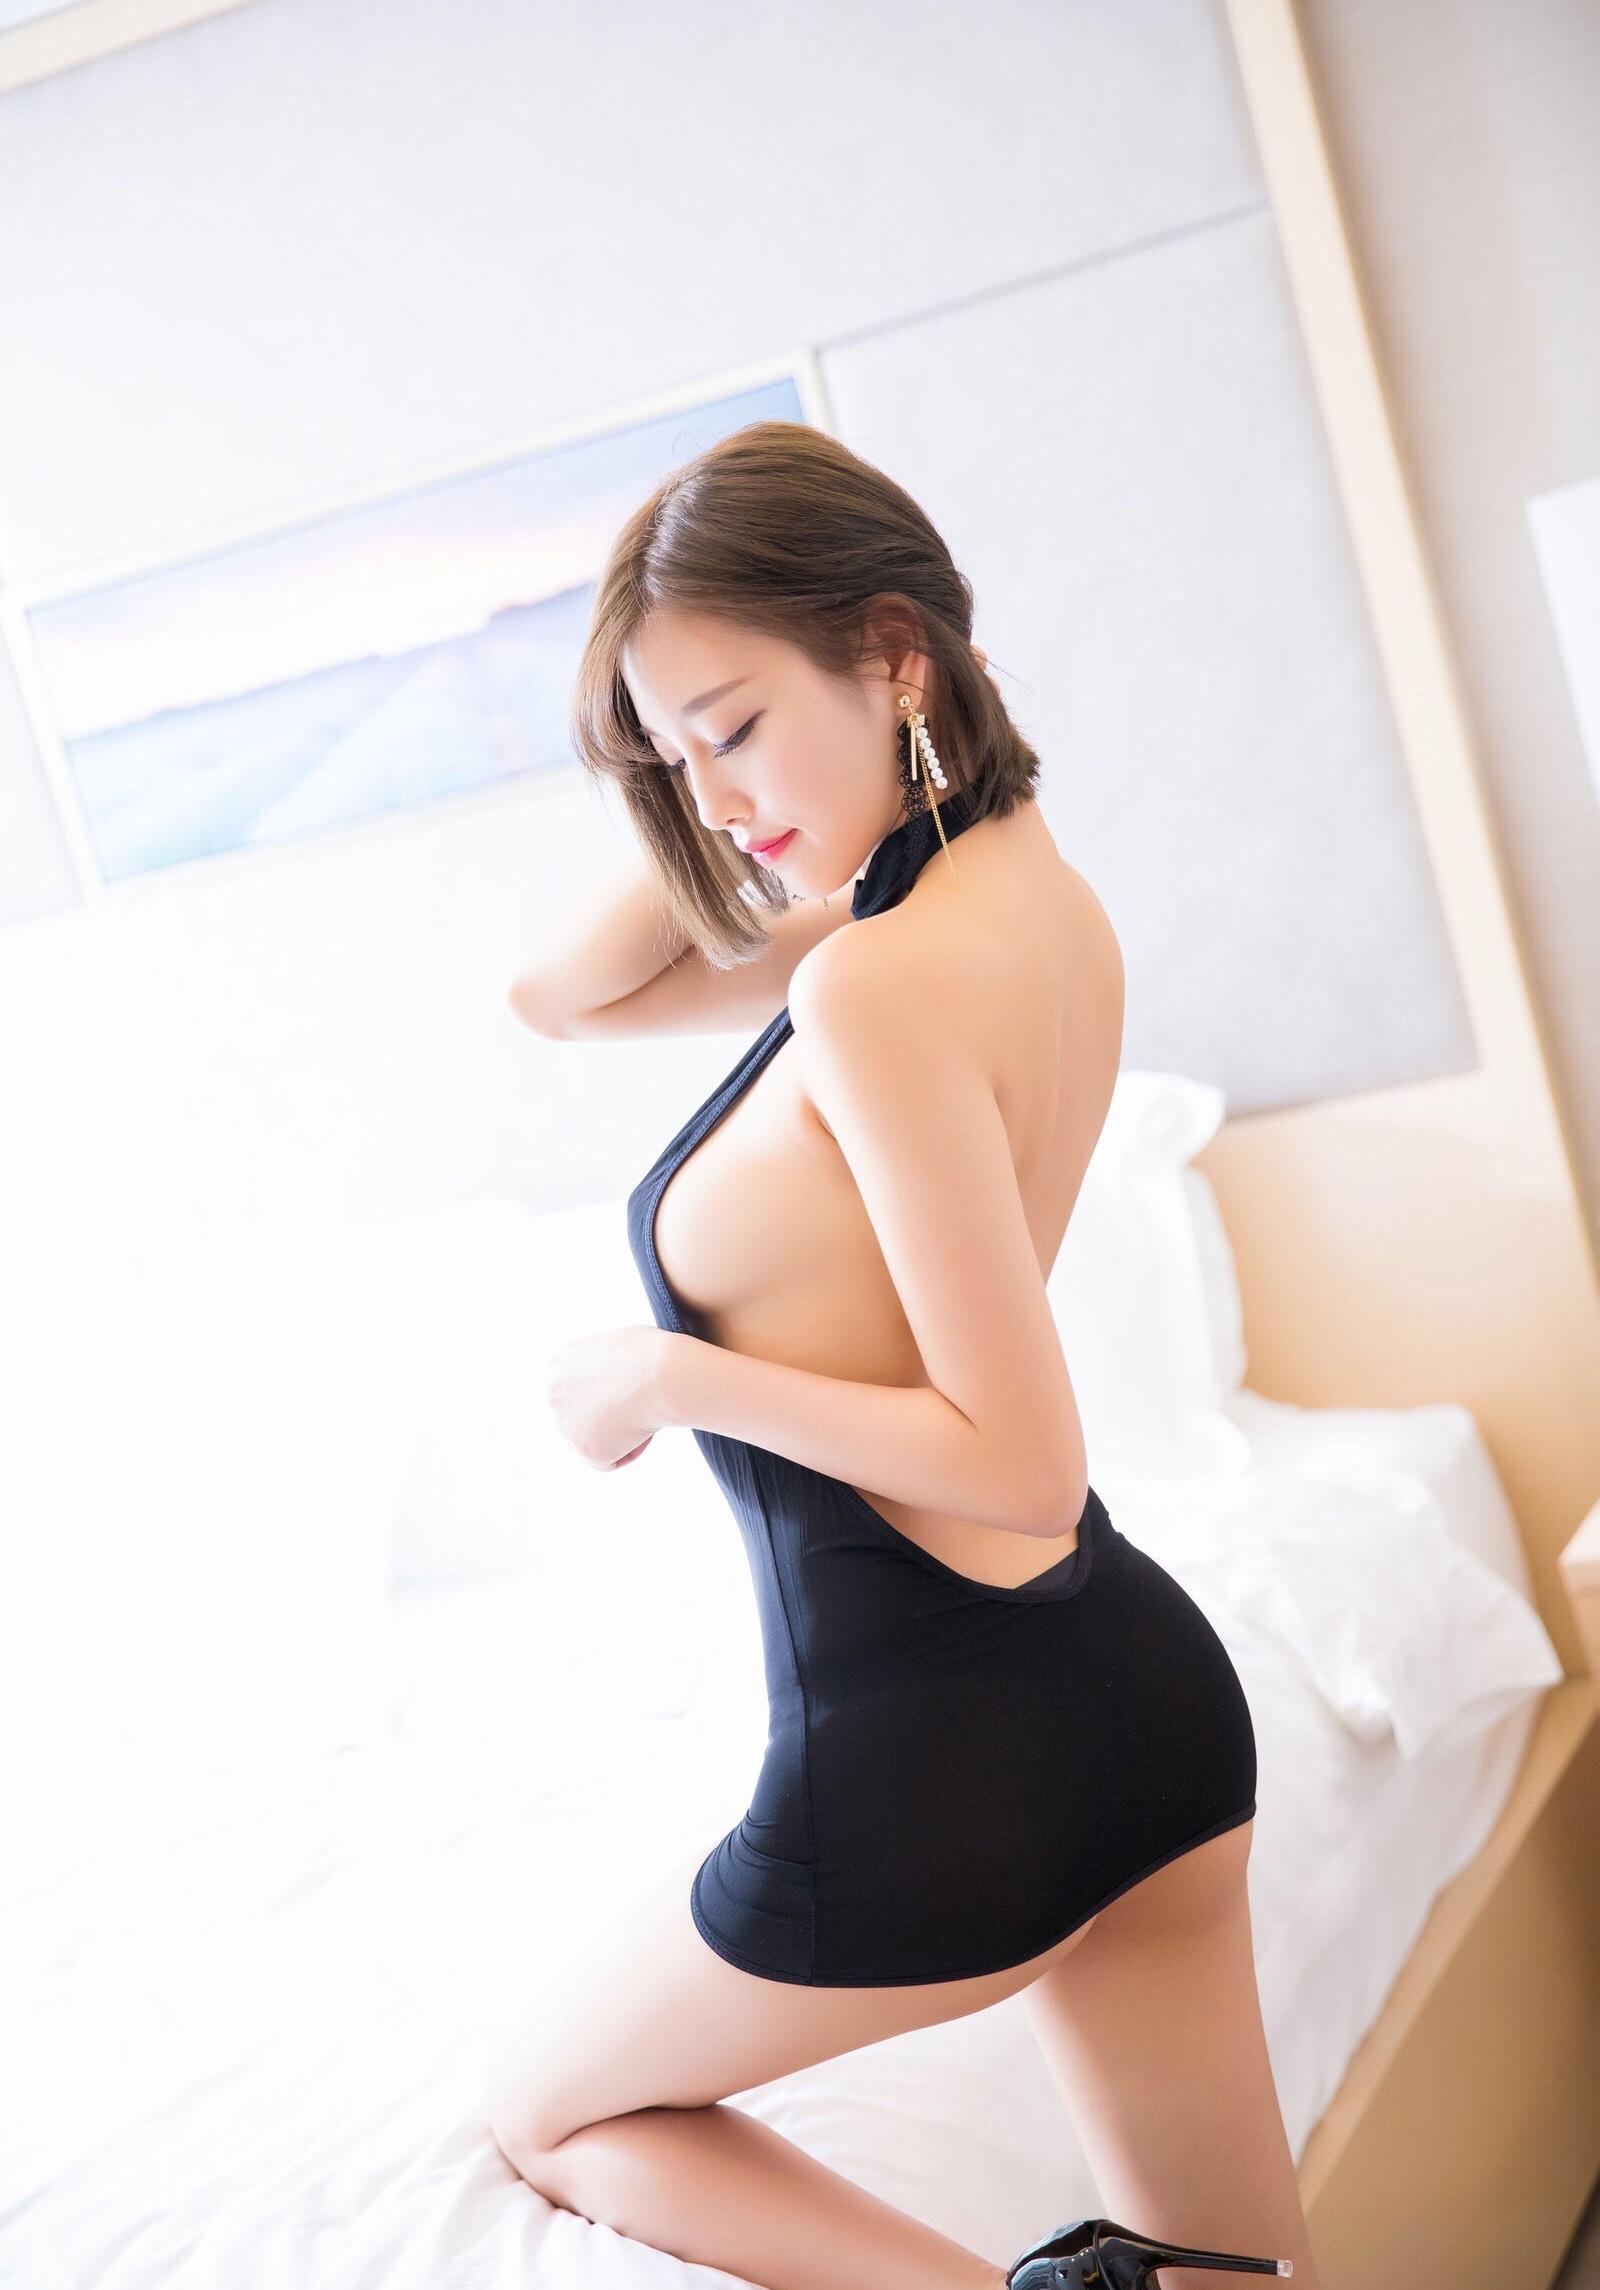 杨晨晨のセクシーすぎるボディコンドレス 22